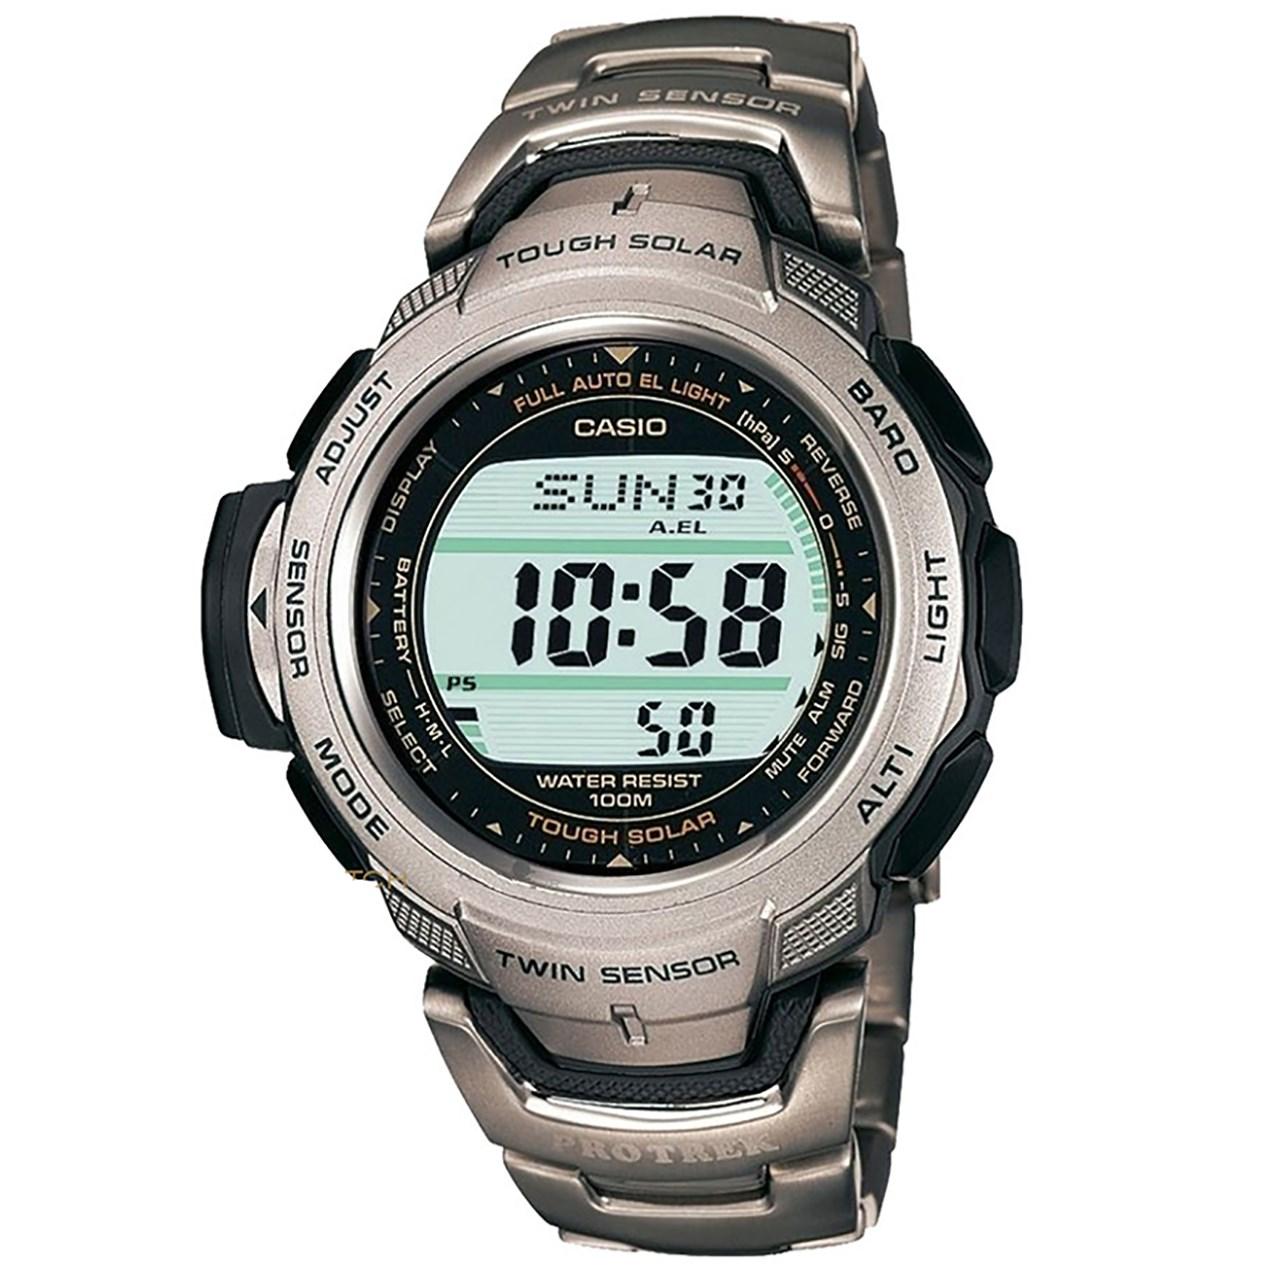 ساعت مچی دیجیتالی  مردانه  کاسیو پروترک مدل PRG-110T-7VDR